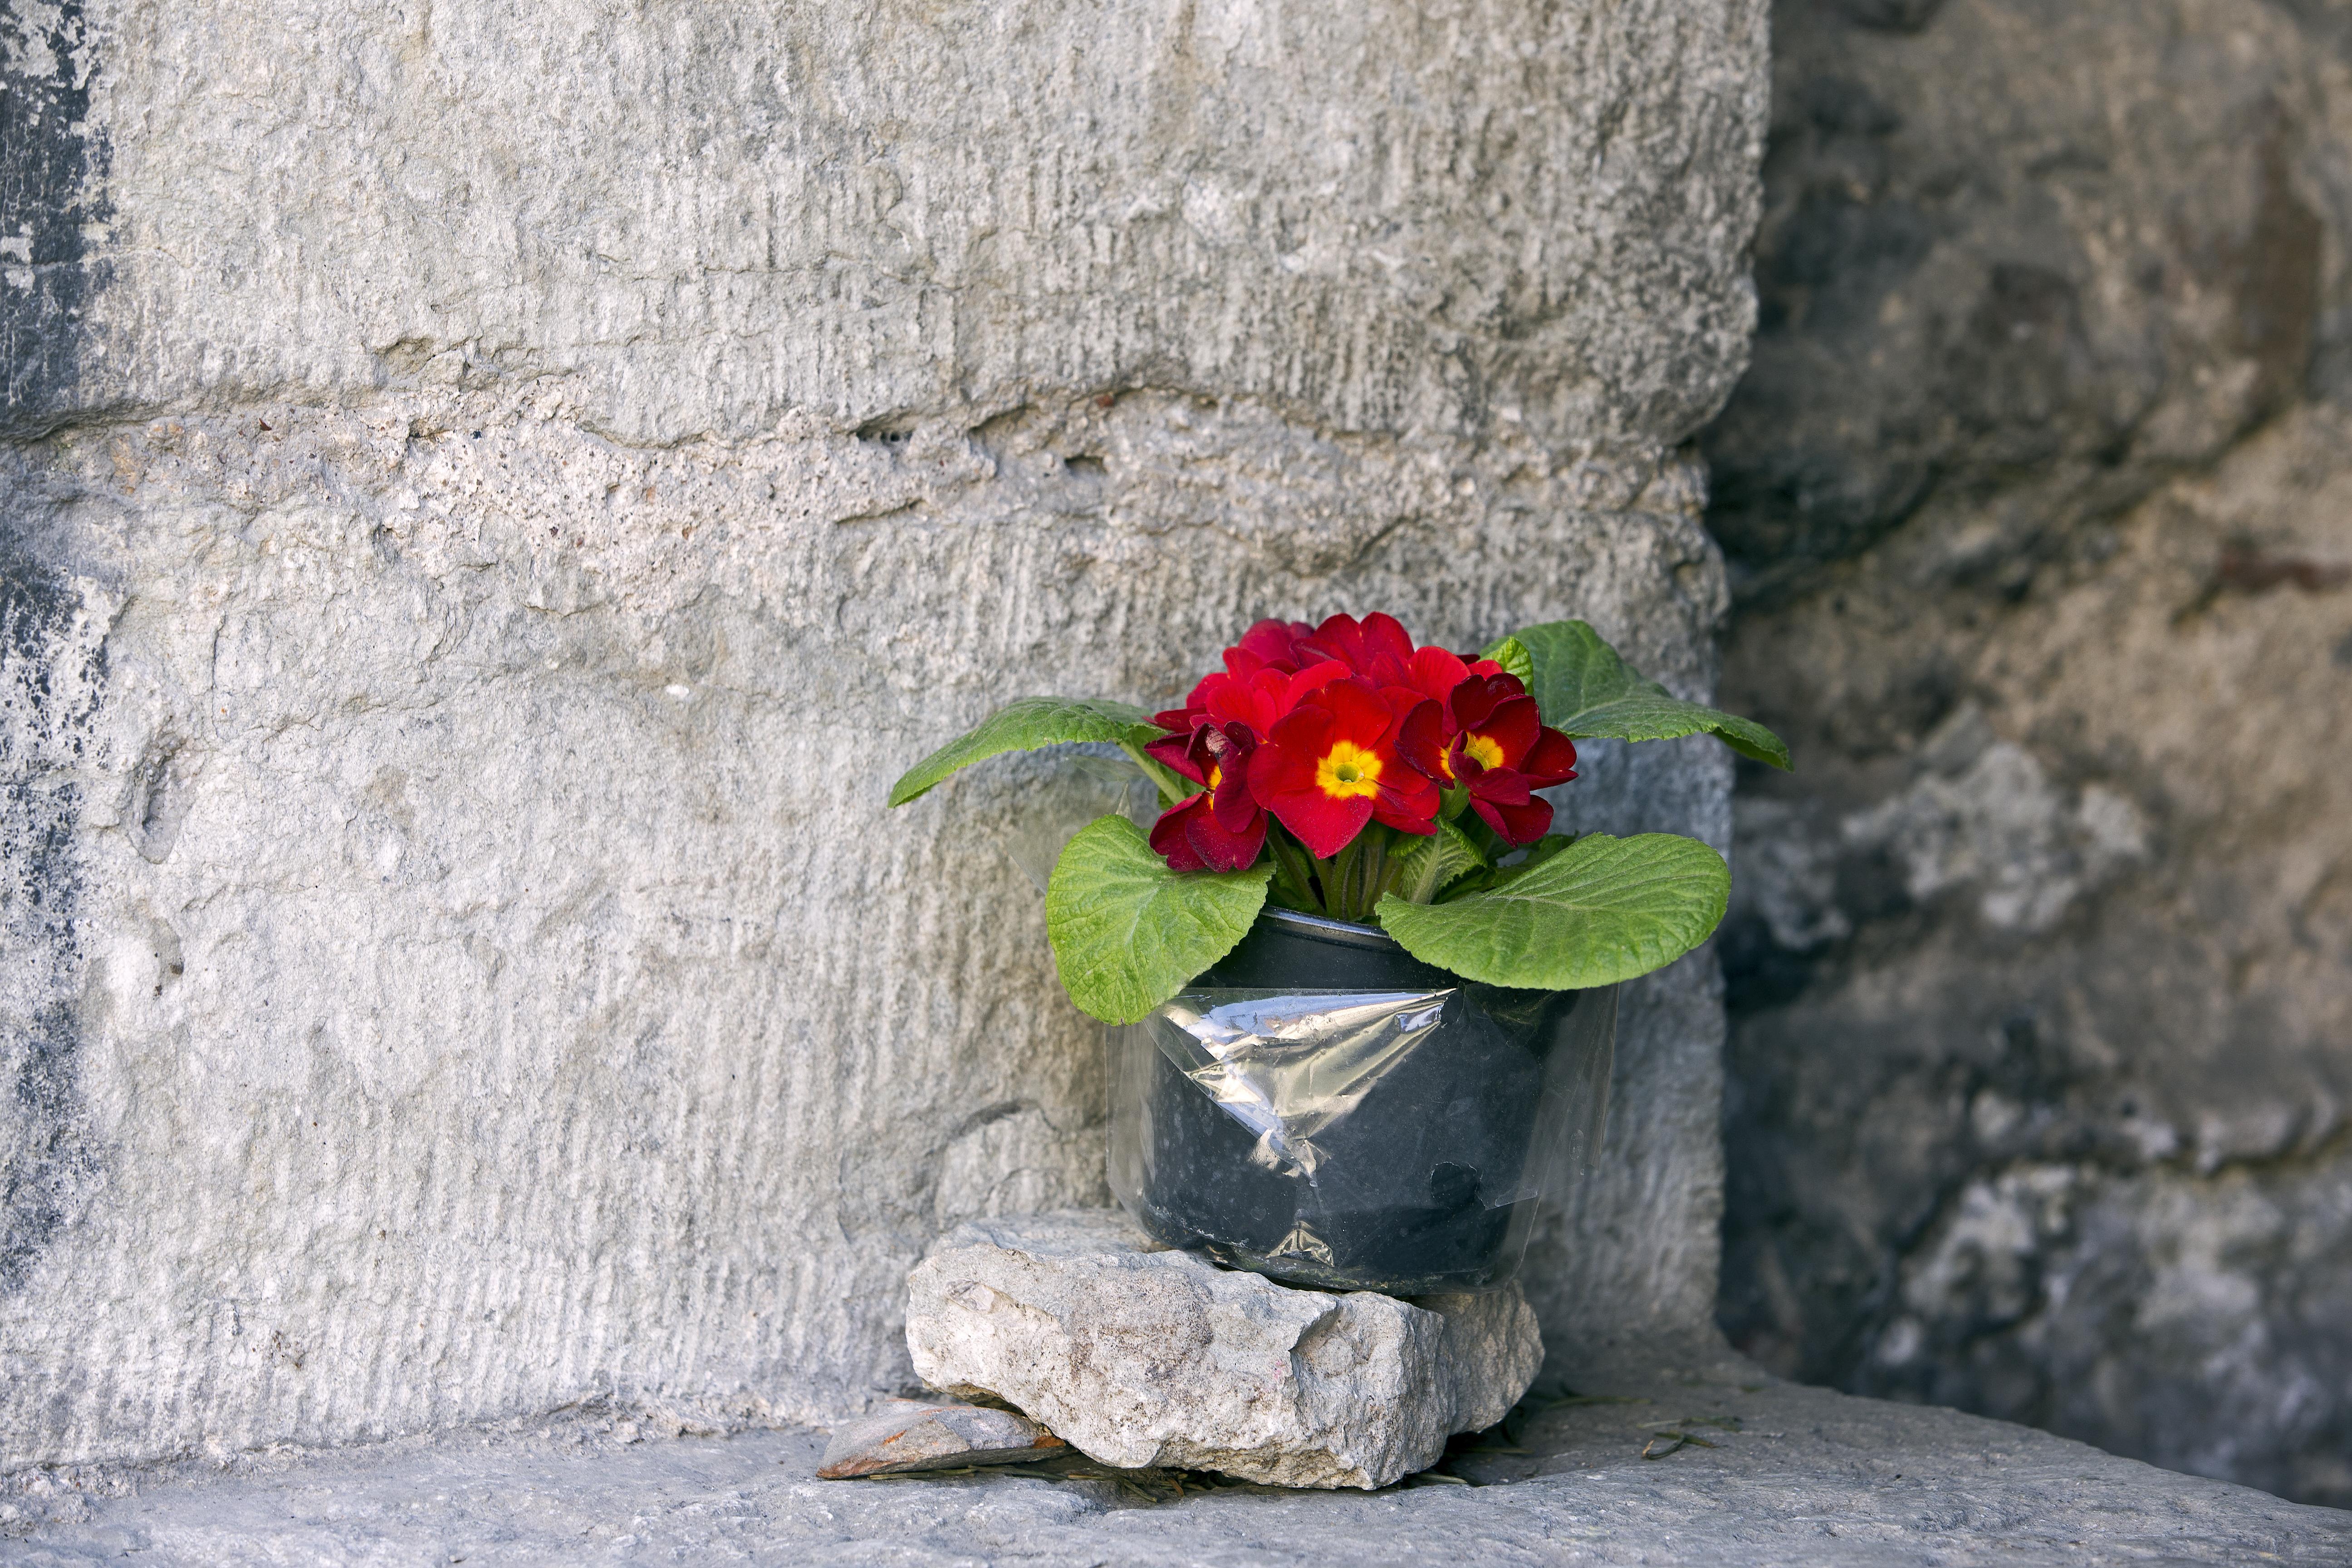 Pot plant in Tallinn, Estonia